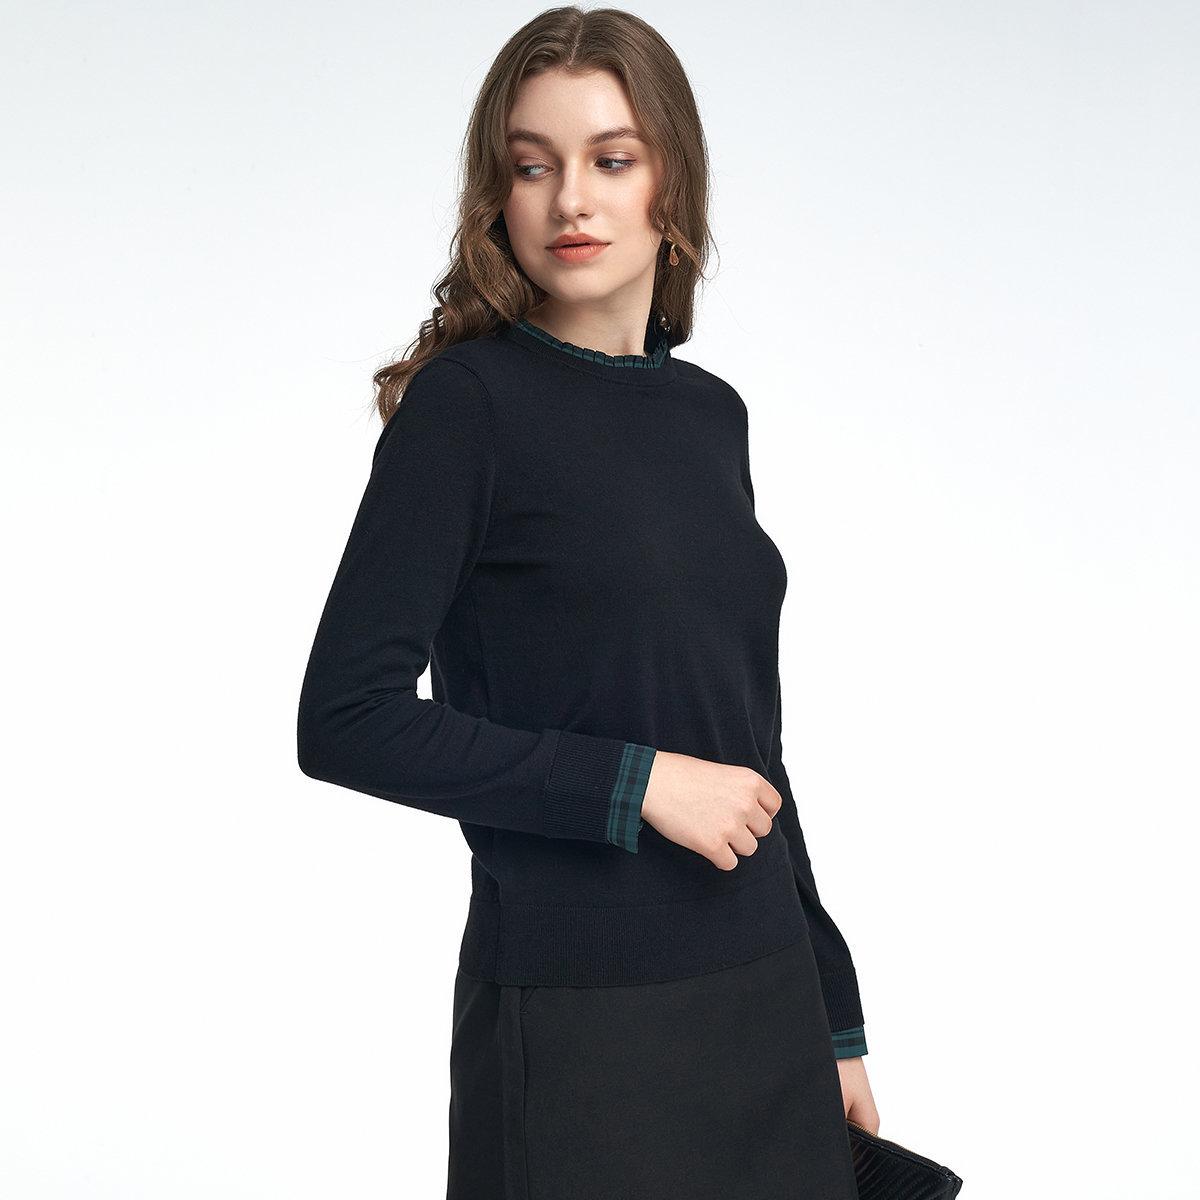 WOMEN'S SWEATER(black)